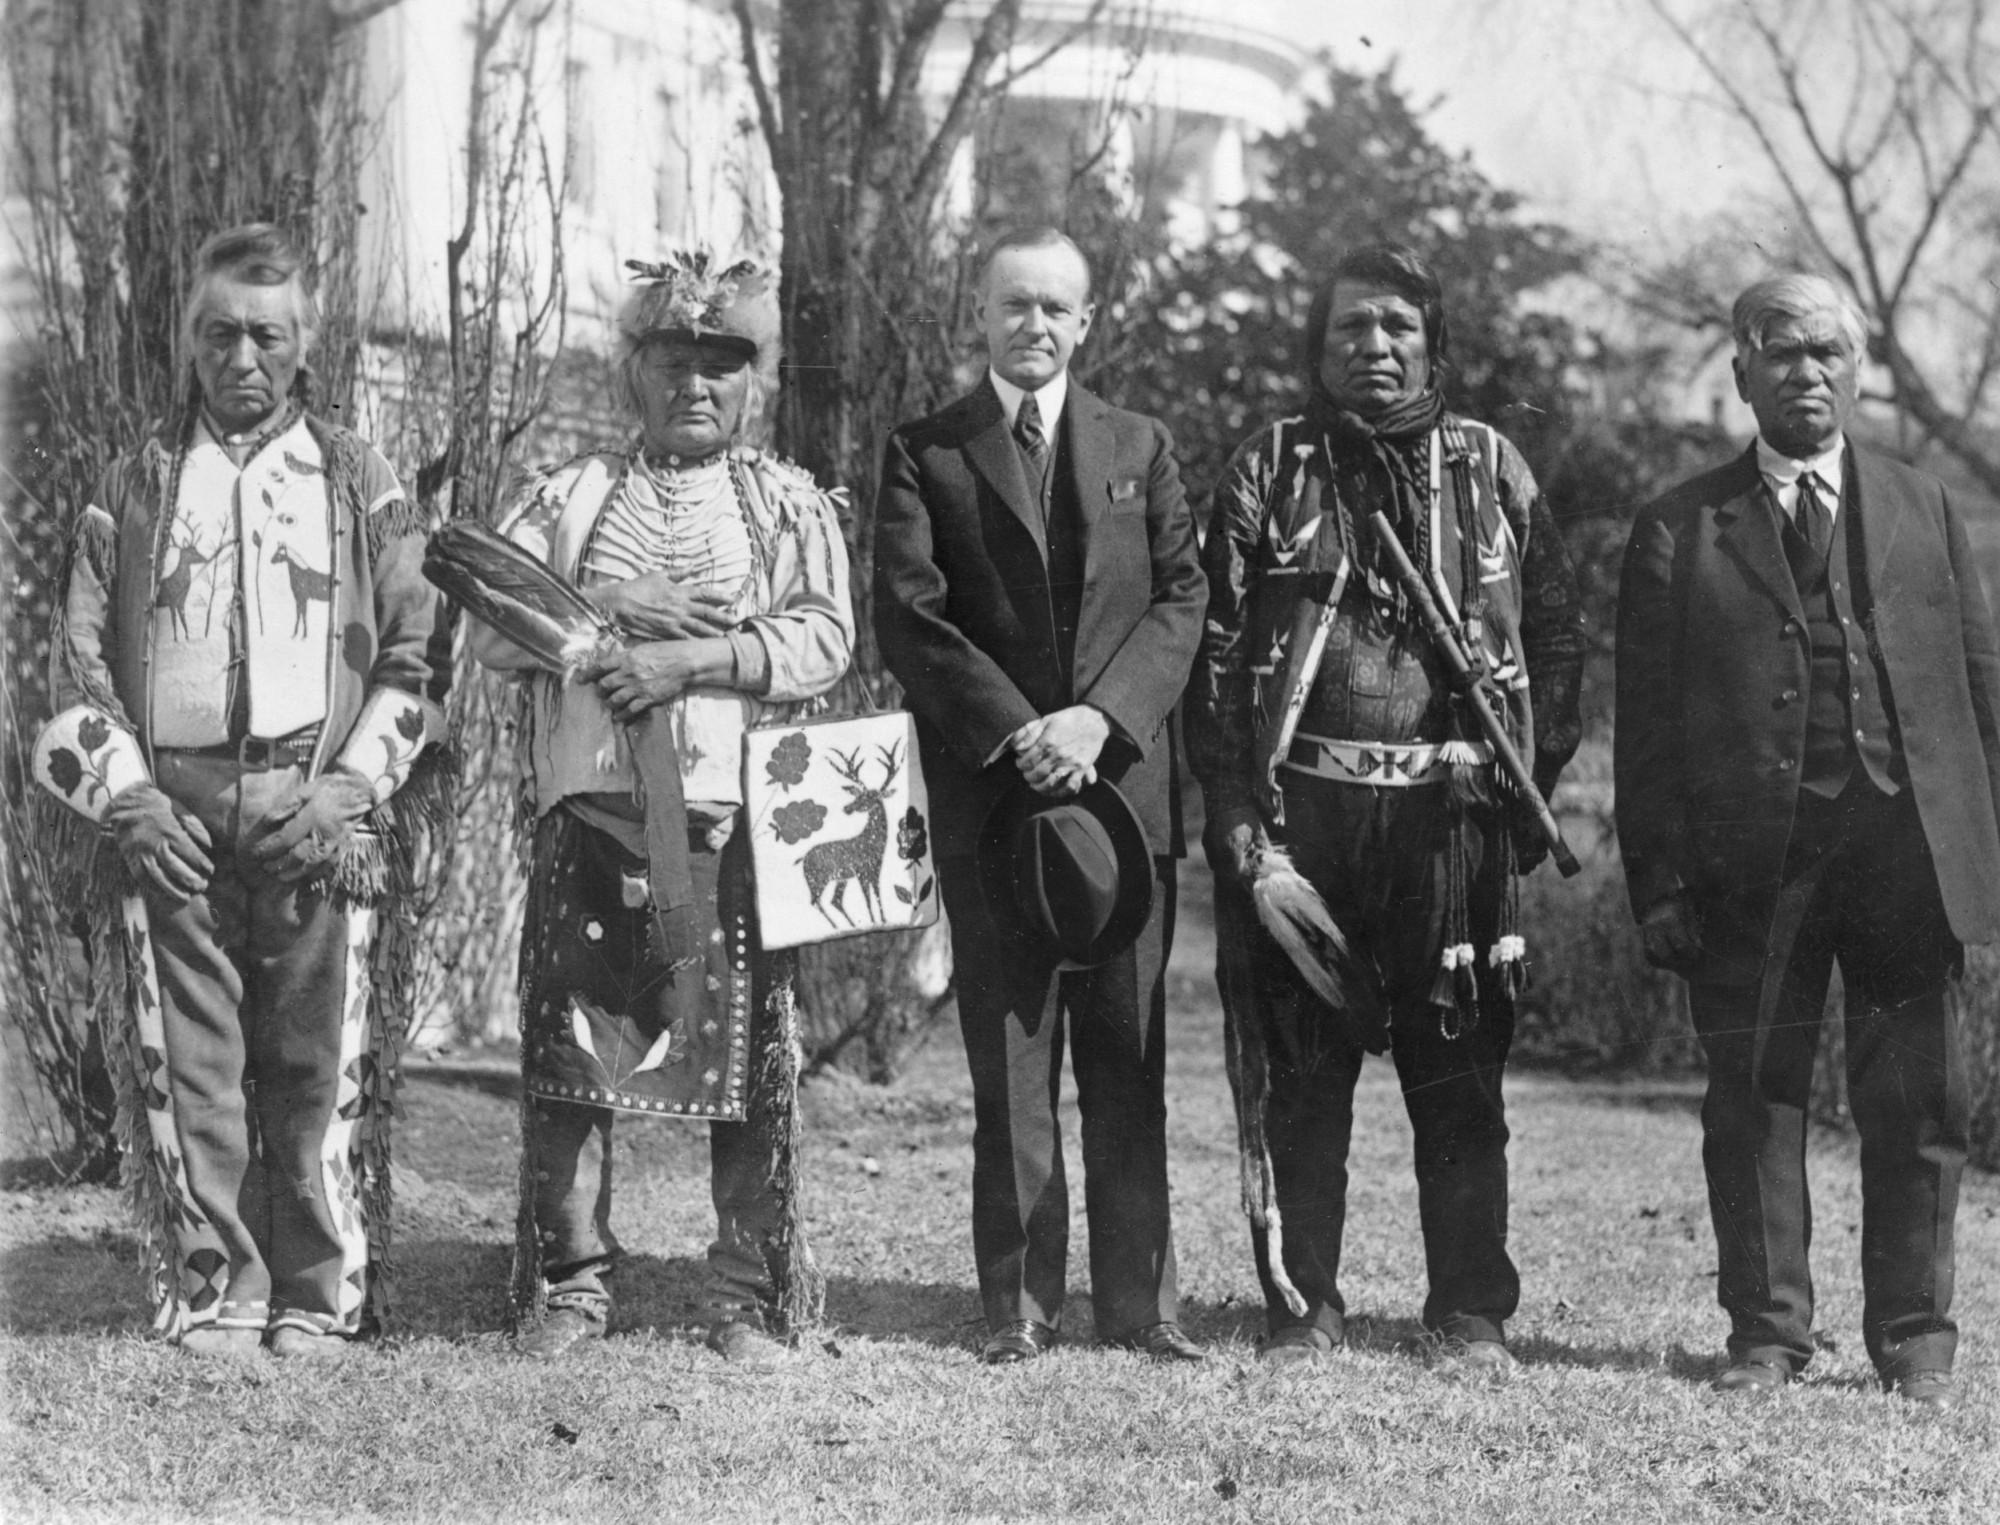 Czterech mężczyzn z plemienia Osage z prezydentem USA Calvinem Coolidge tuż po podpisaniu Indian Citizenship Act - ustawy o obywatelstwie Indian, 1924 r. (fot. Wikimedia.org / Domena publiczna)